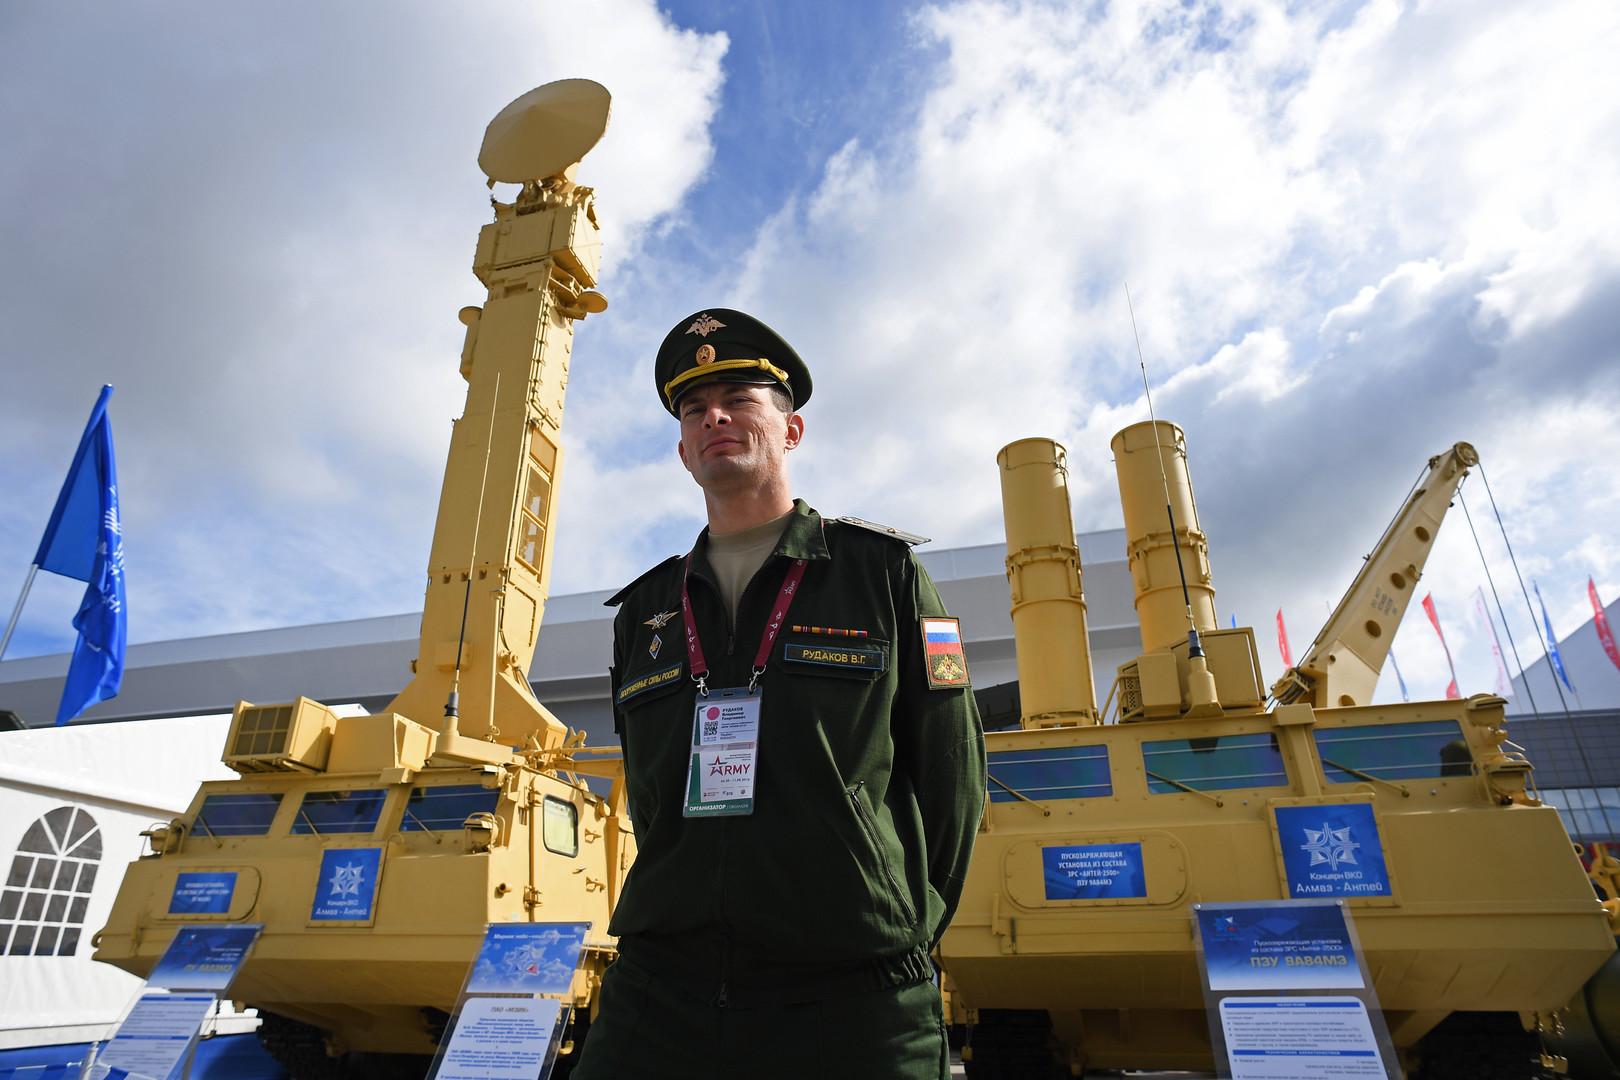 Зенитная ракетная система «Антей-2500» представлена в открытой экспозиции на Международном военно-техническом форуме «Армия-2016» в конгрессно-выставочном центре подмосковного Военно-патриотического парка культуры и отдыха Вооруженных сил РФ «Патриот».